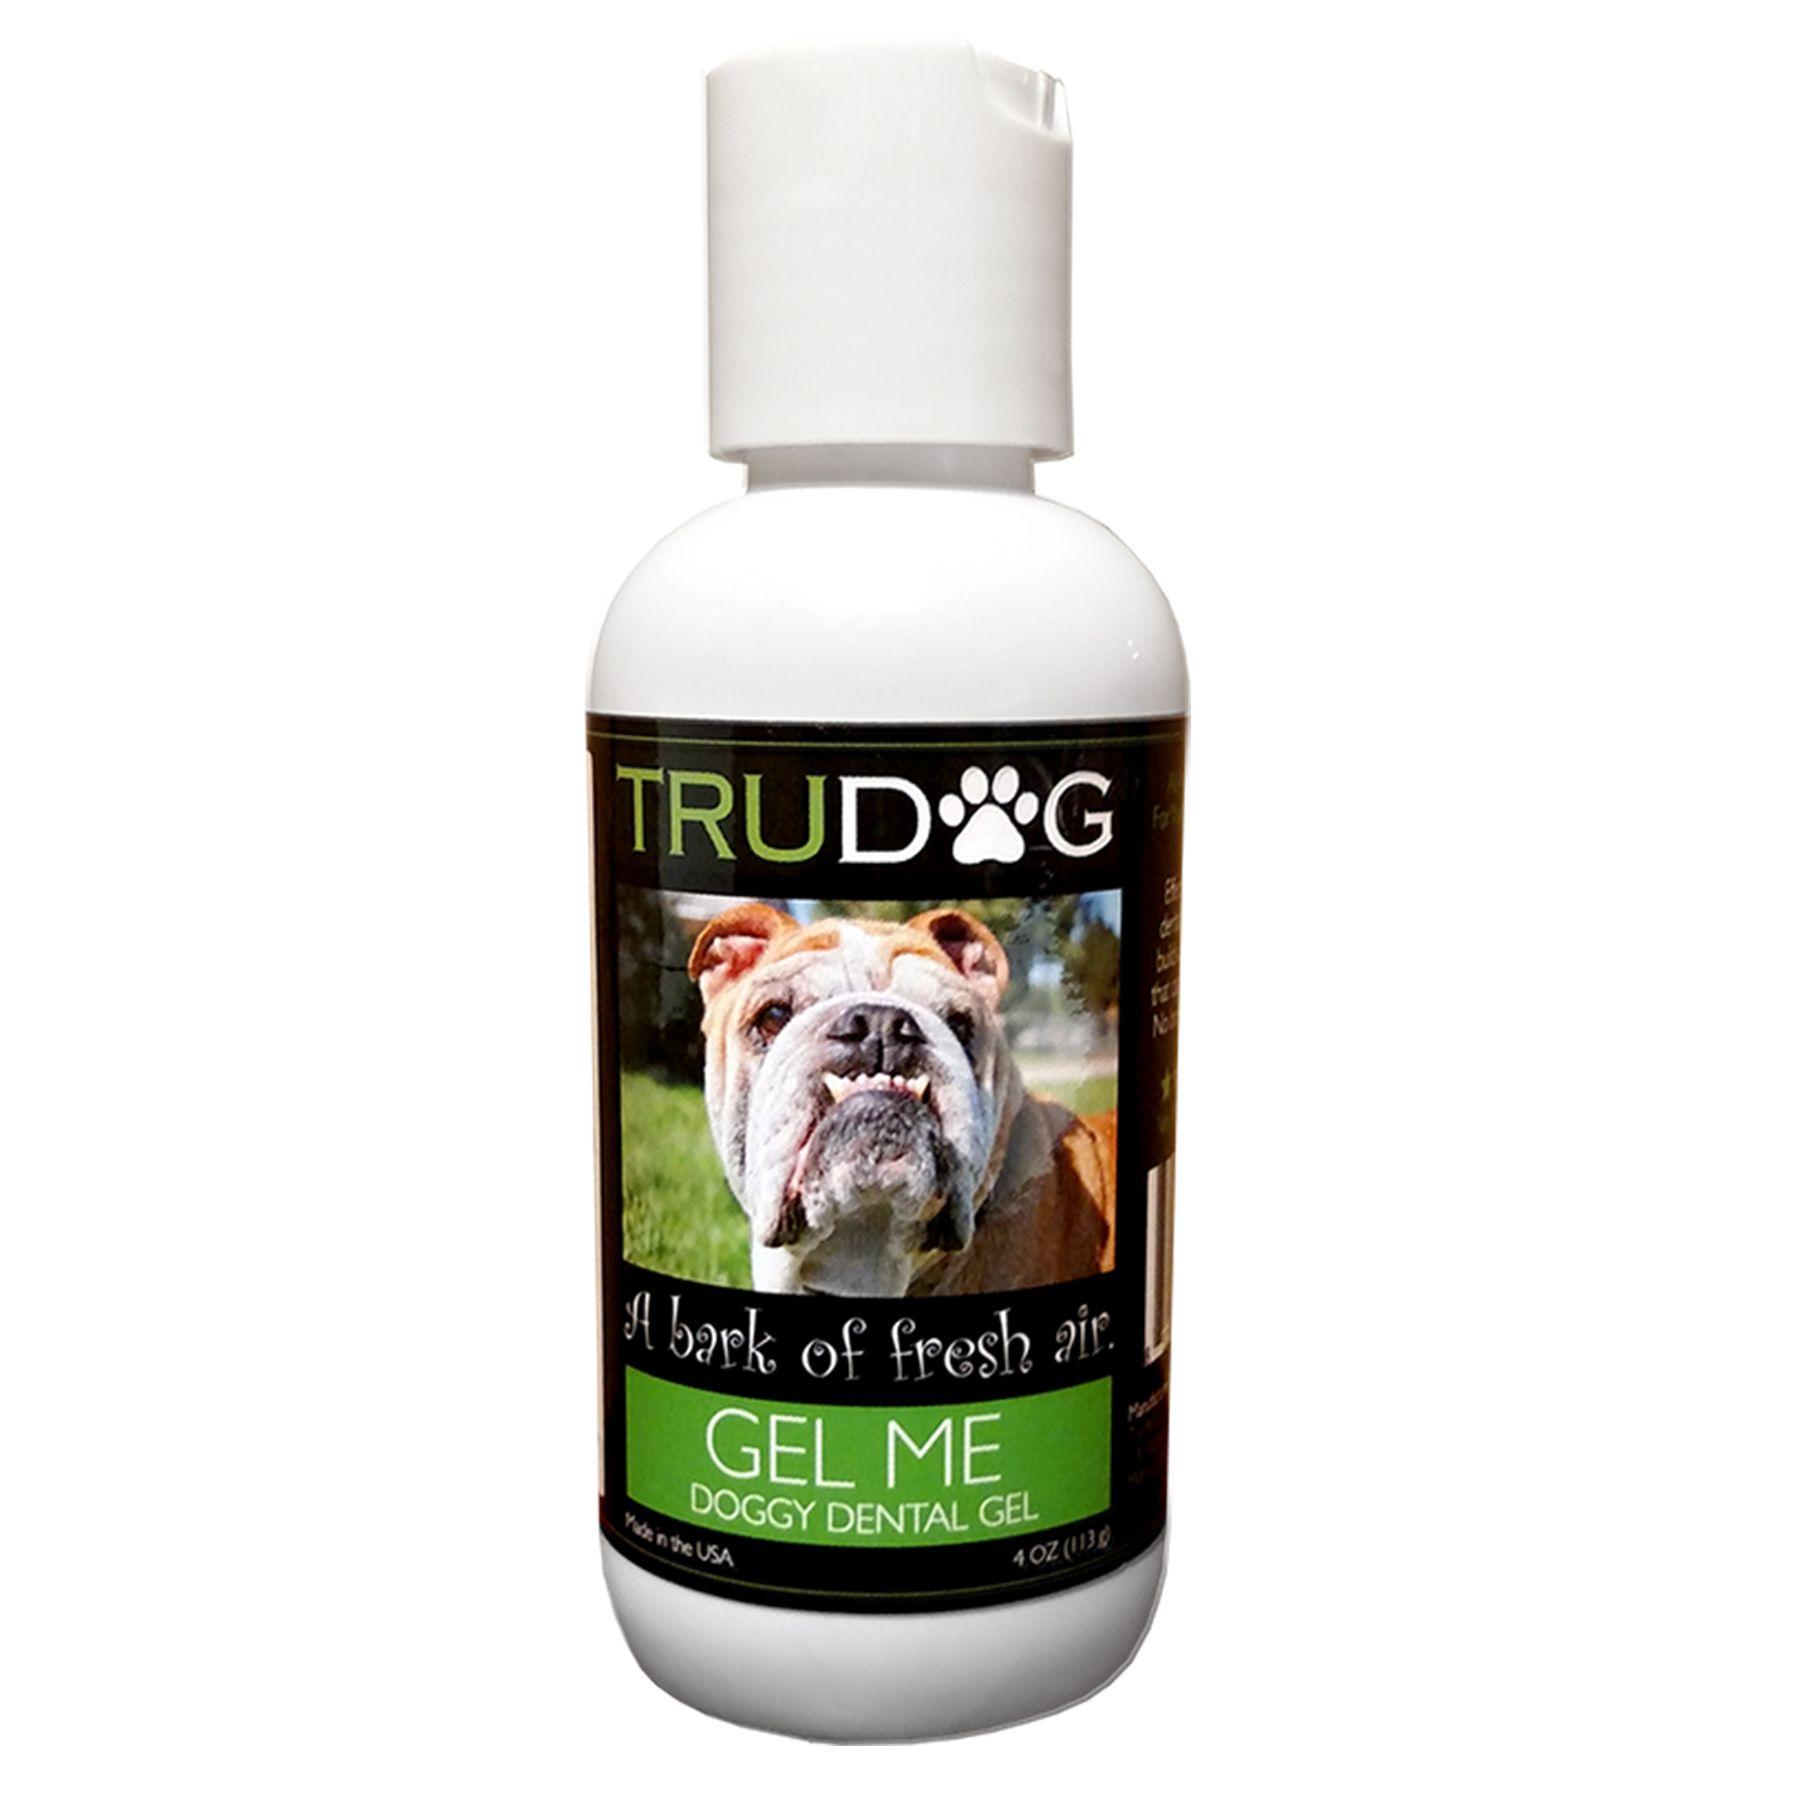 Trudog Gel Me Doggy Dental Gel